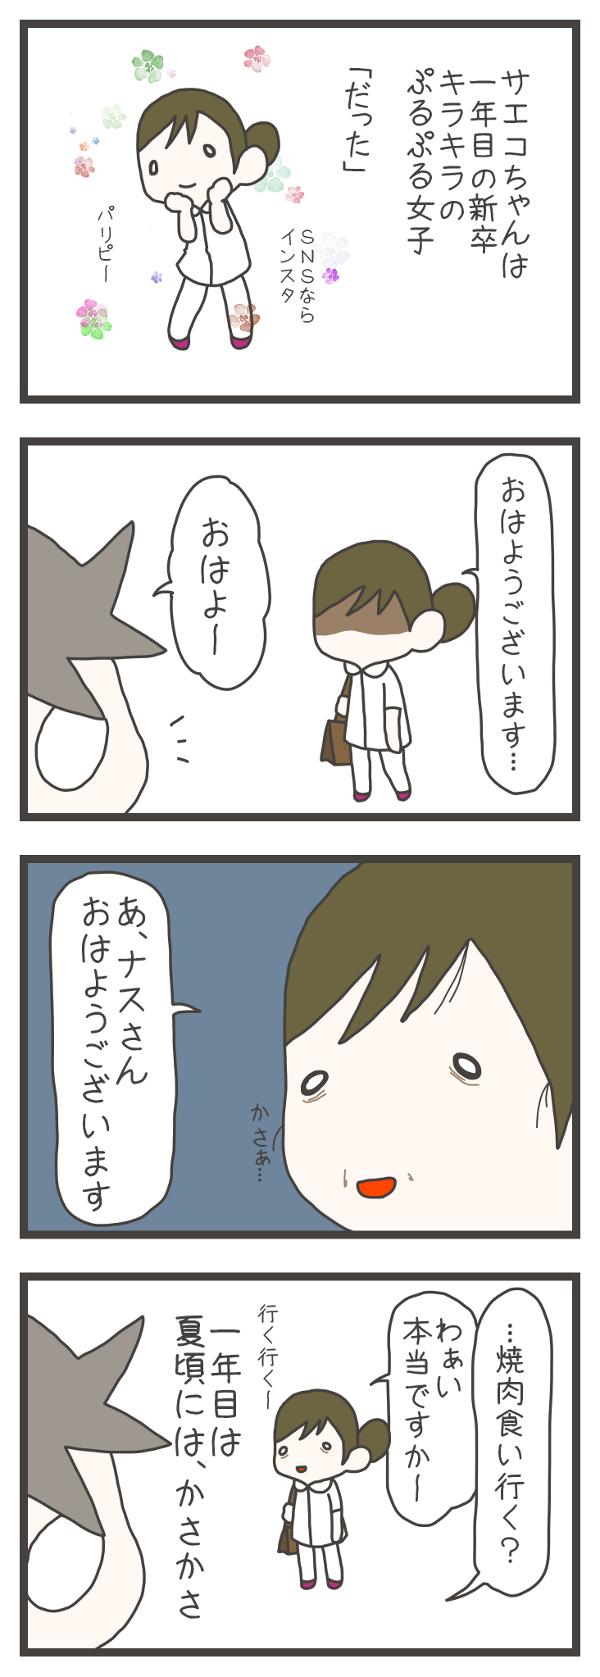 サエコちゃんは1年目の新卒。キラキラのぷるぷる女子…「だった」。